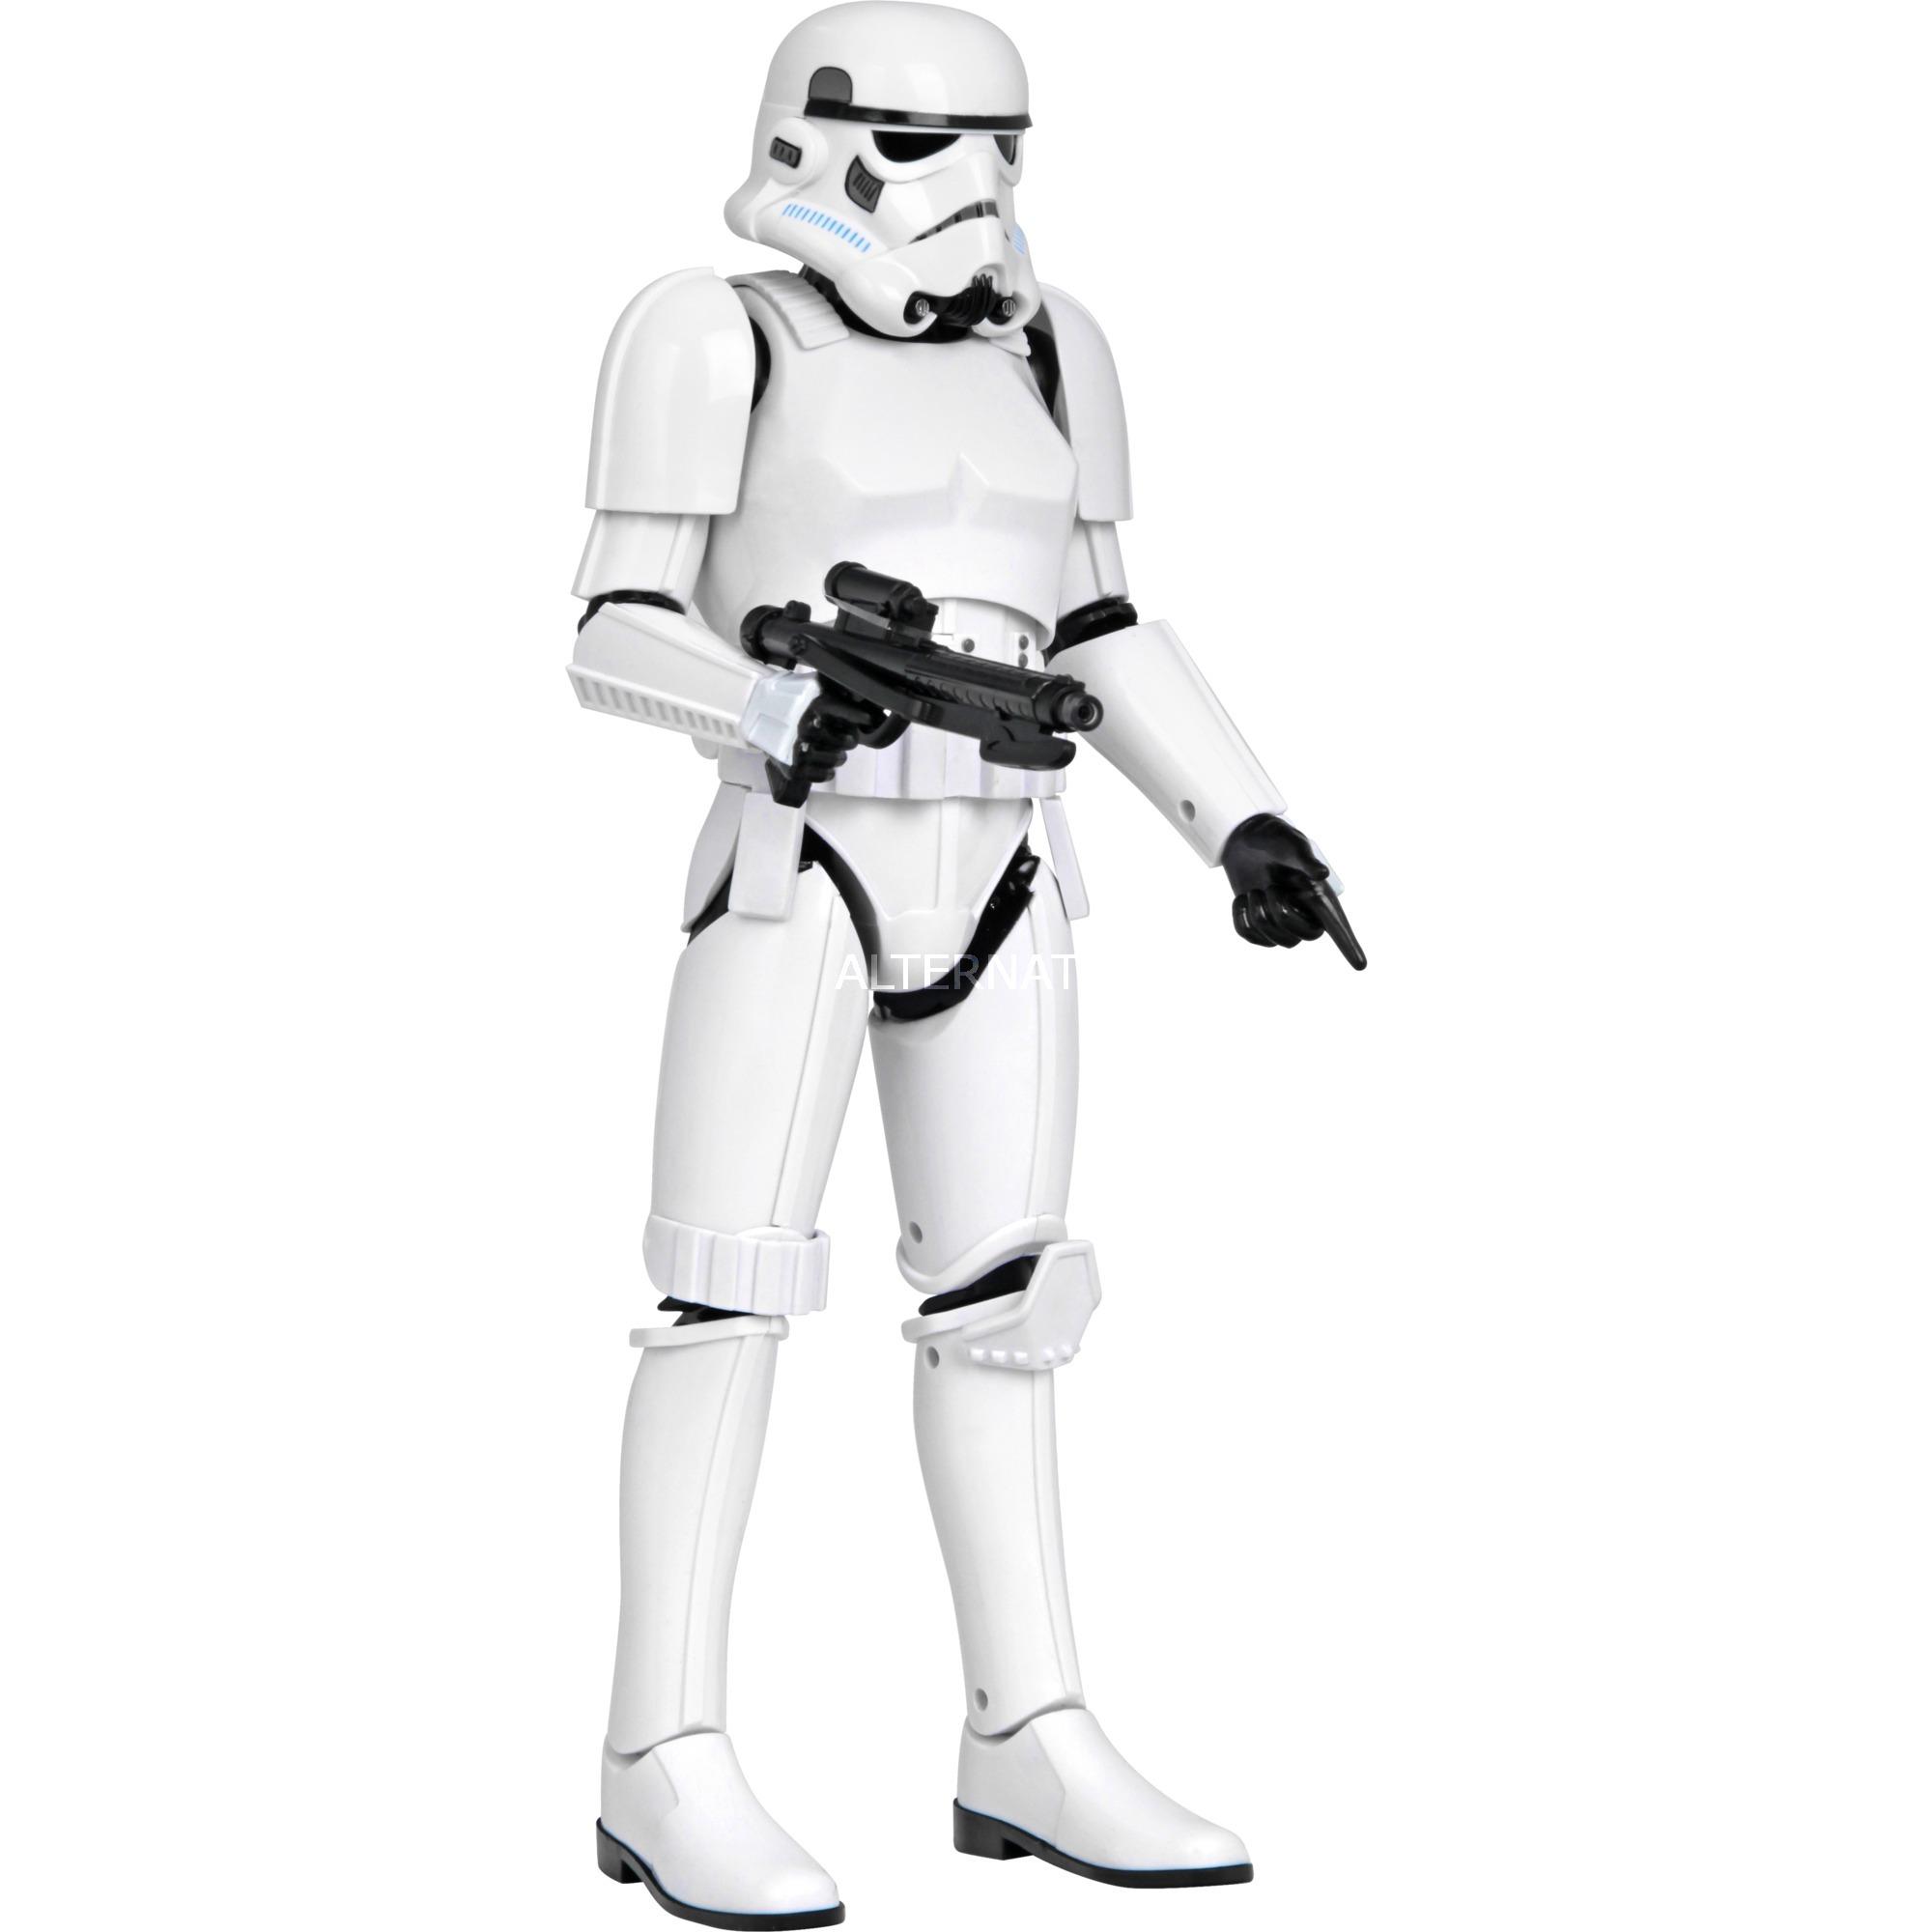 Interaktiver Stormtrooper